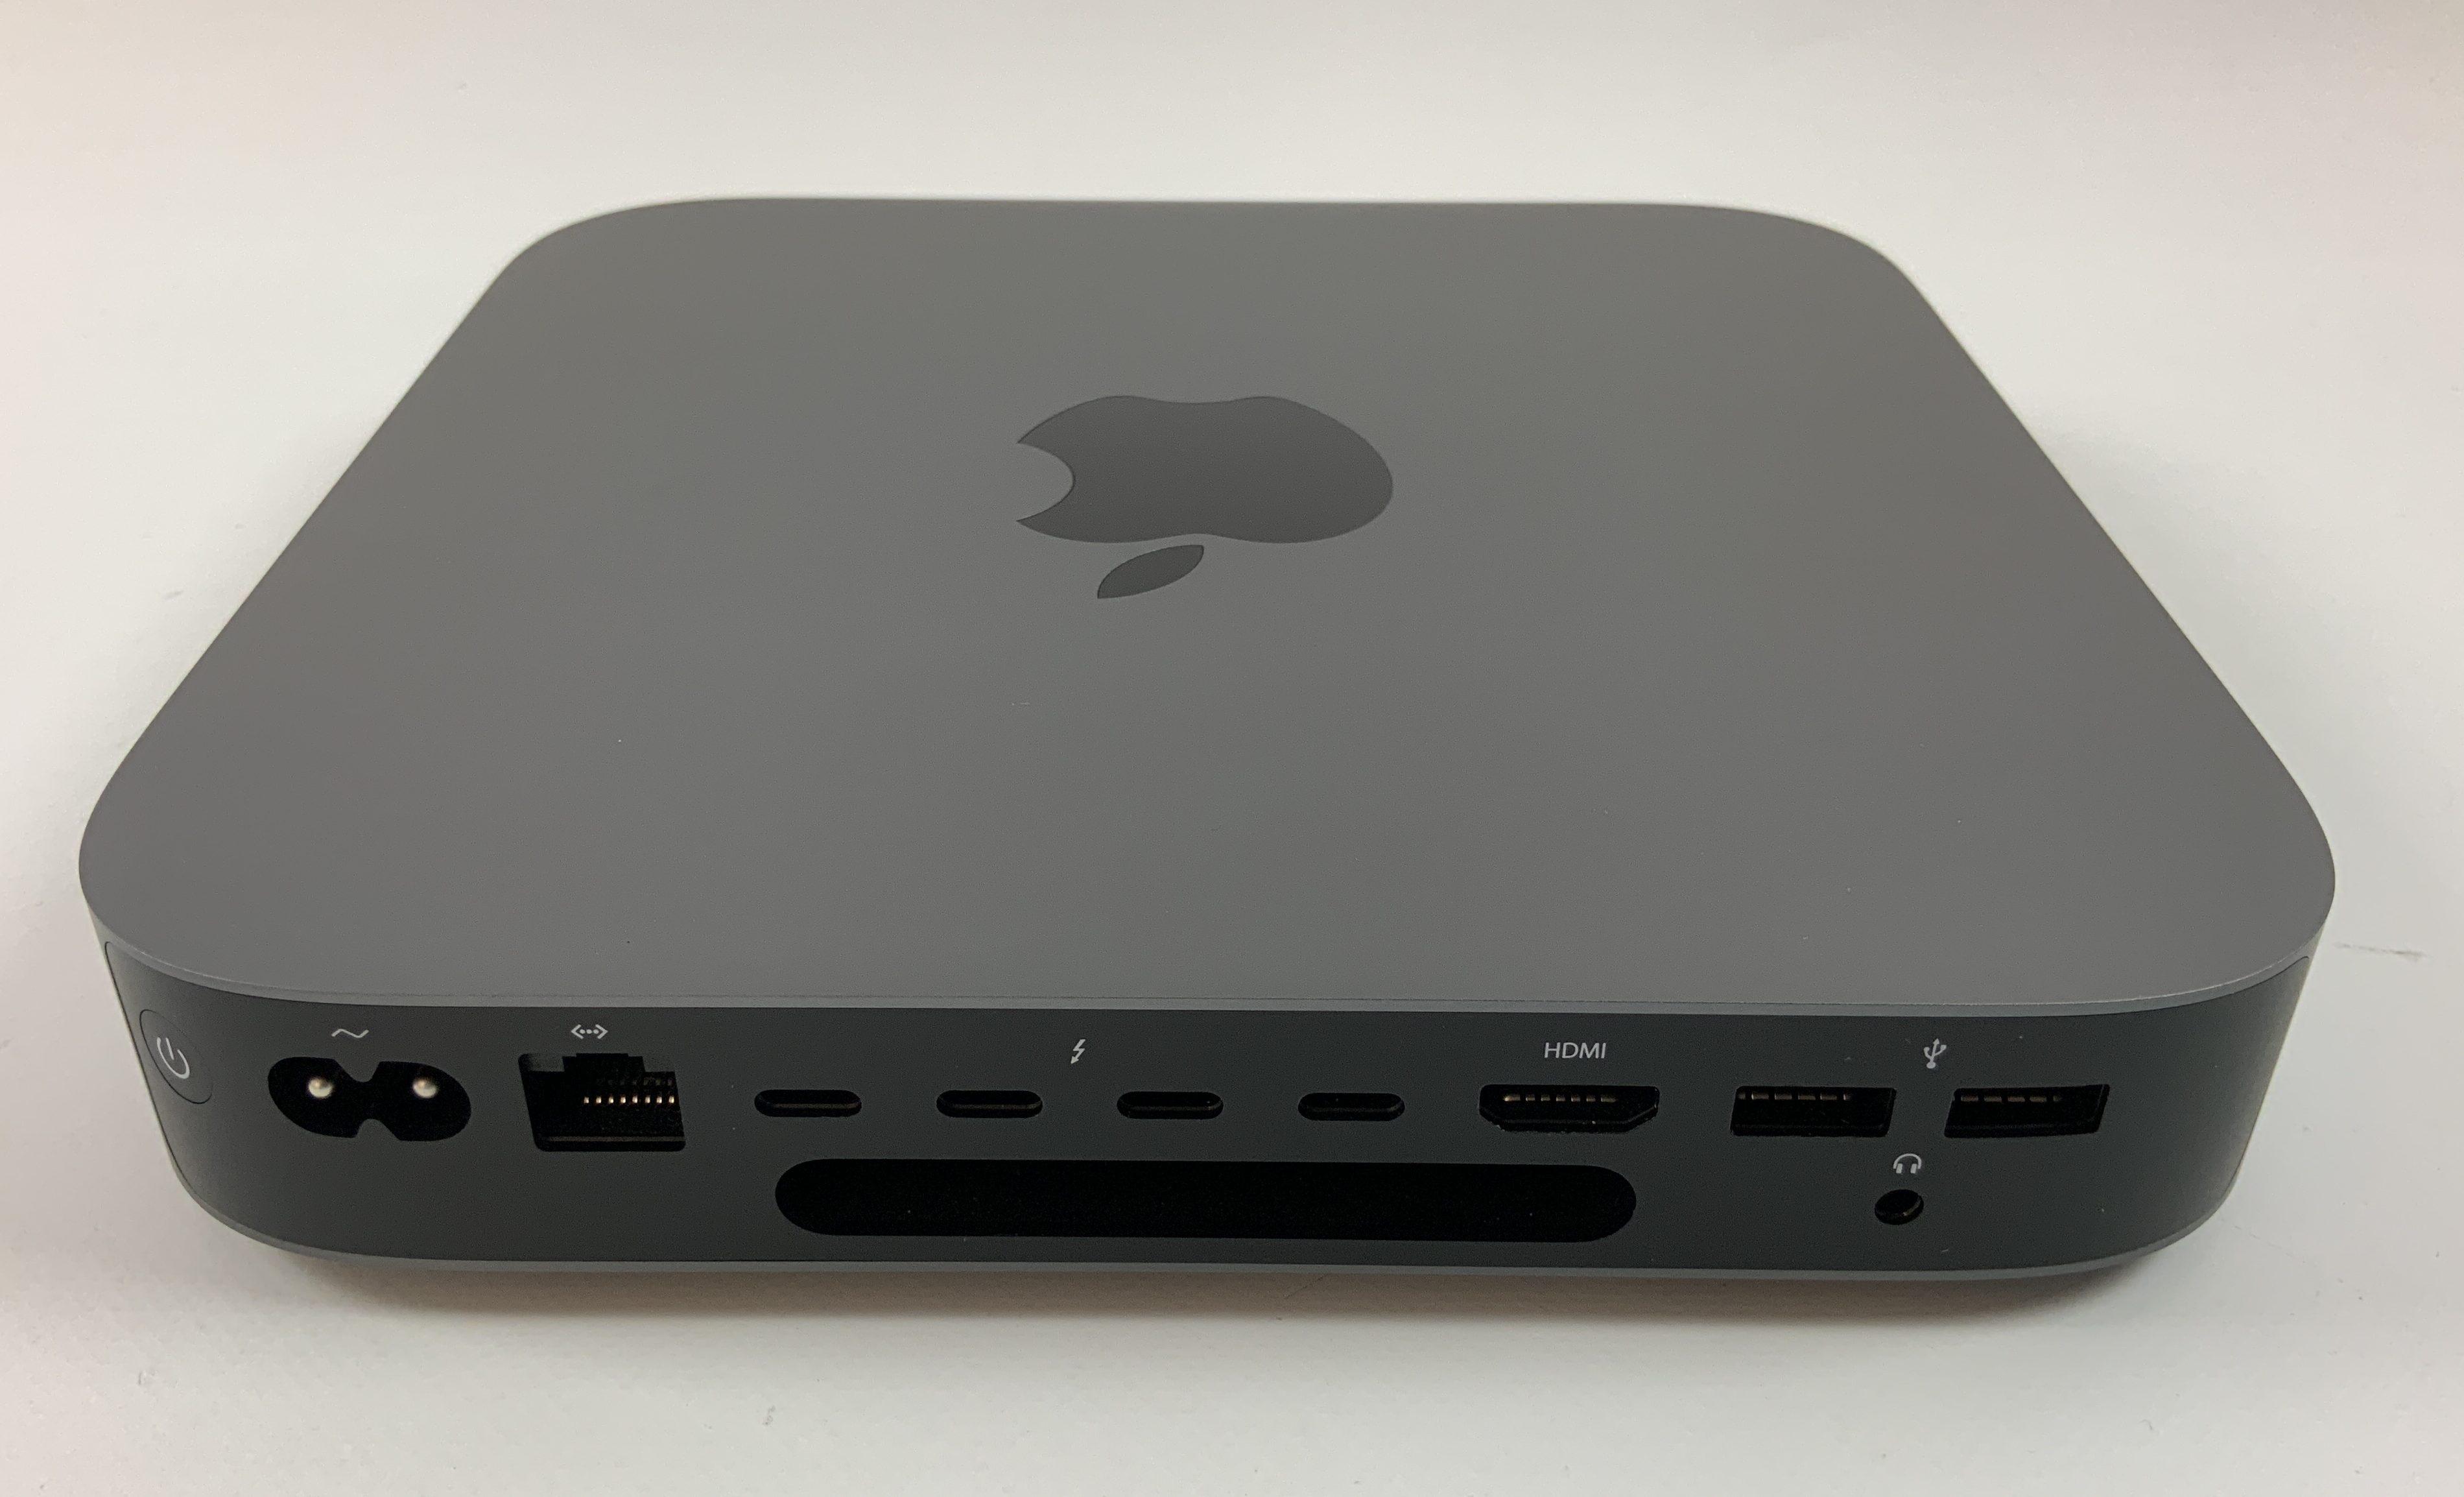 Mac Mini Late 2018 (Intel 6-Core i7 3.2 GHz 8 GB RAM 512 GB SSD), Intel 6-Core i7 3.2 GHz, 8 GB RAM, 512 GB SSD, Kuva 4